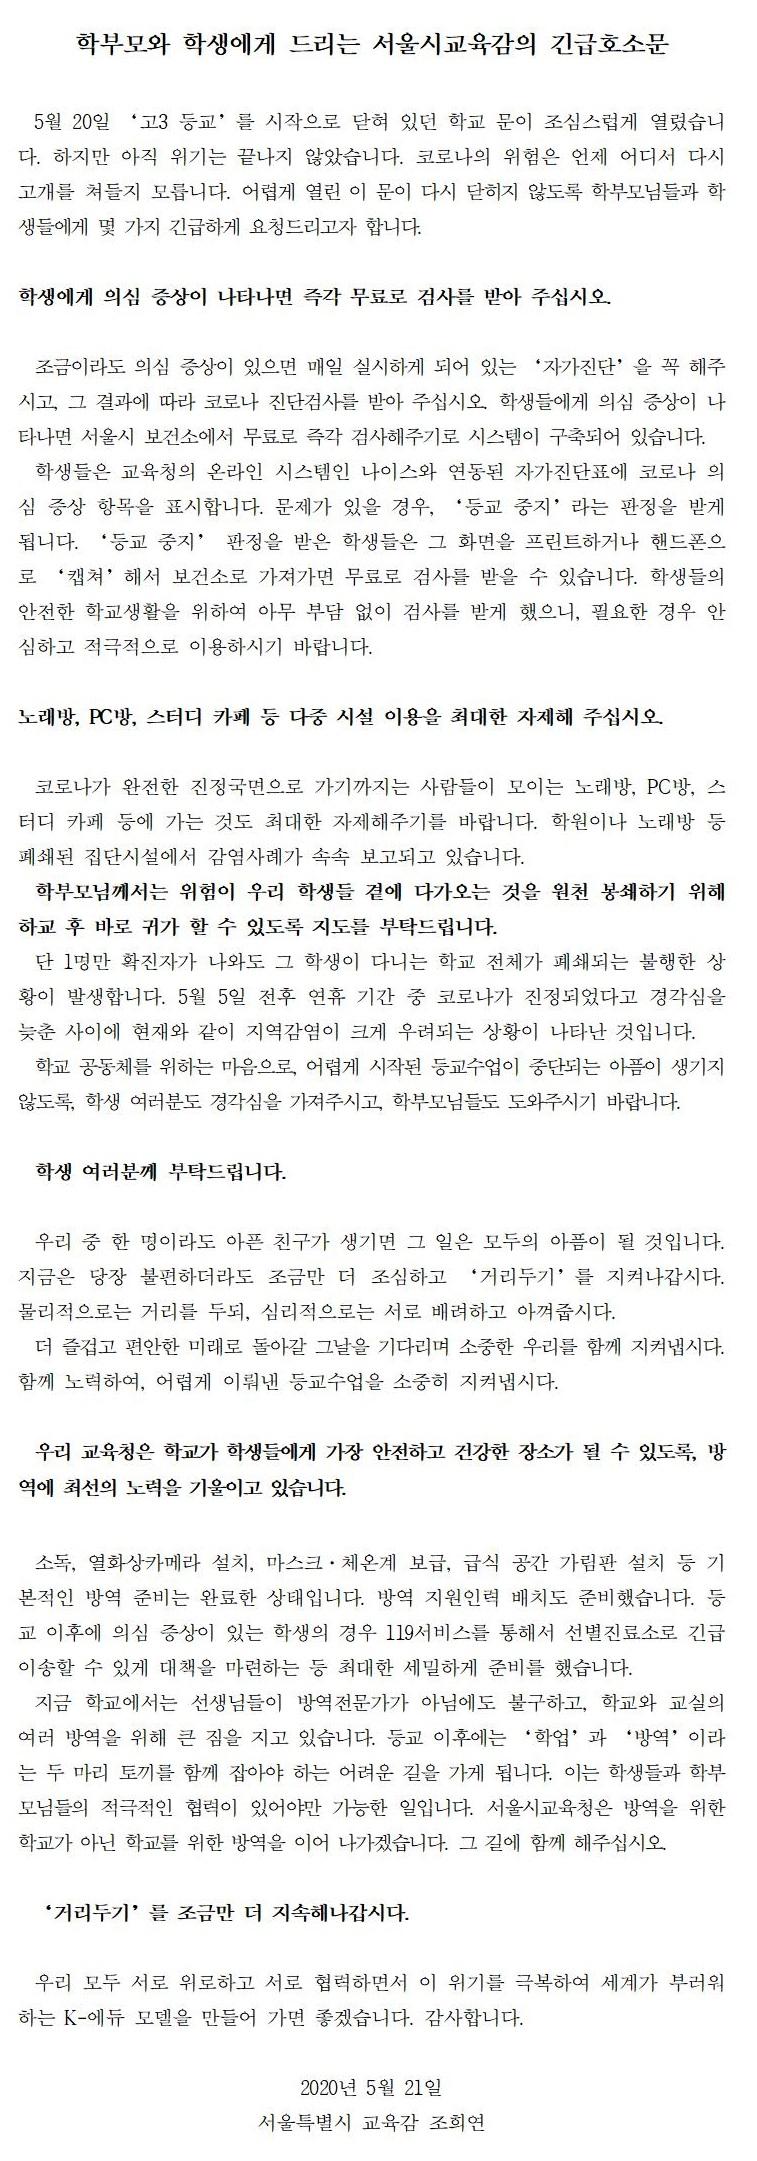 학부모와 학생에게 드리는 서울시교육감 호소문001.jpg